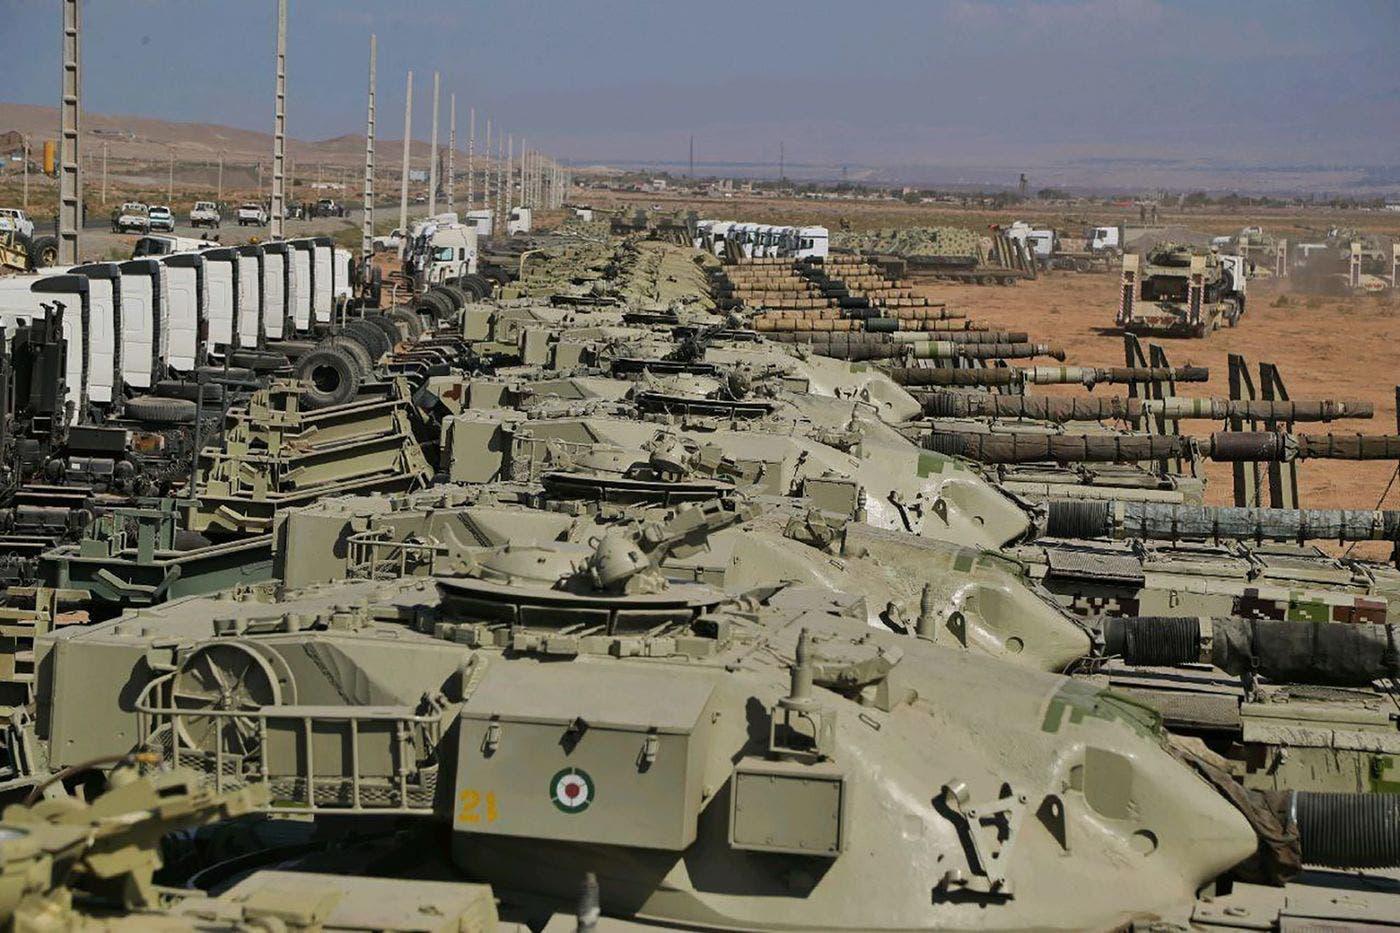 رزمایش نظامی ترکیه و جمهوری آذربایجان در نزدیکی مرزهای ایران